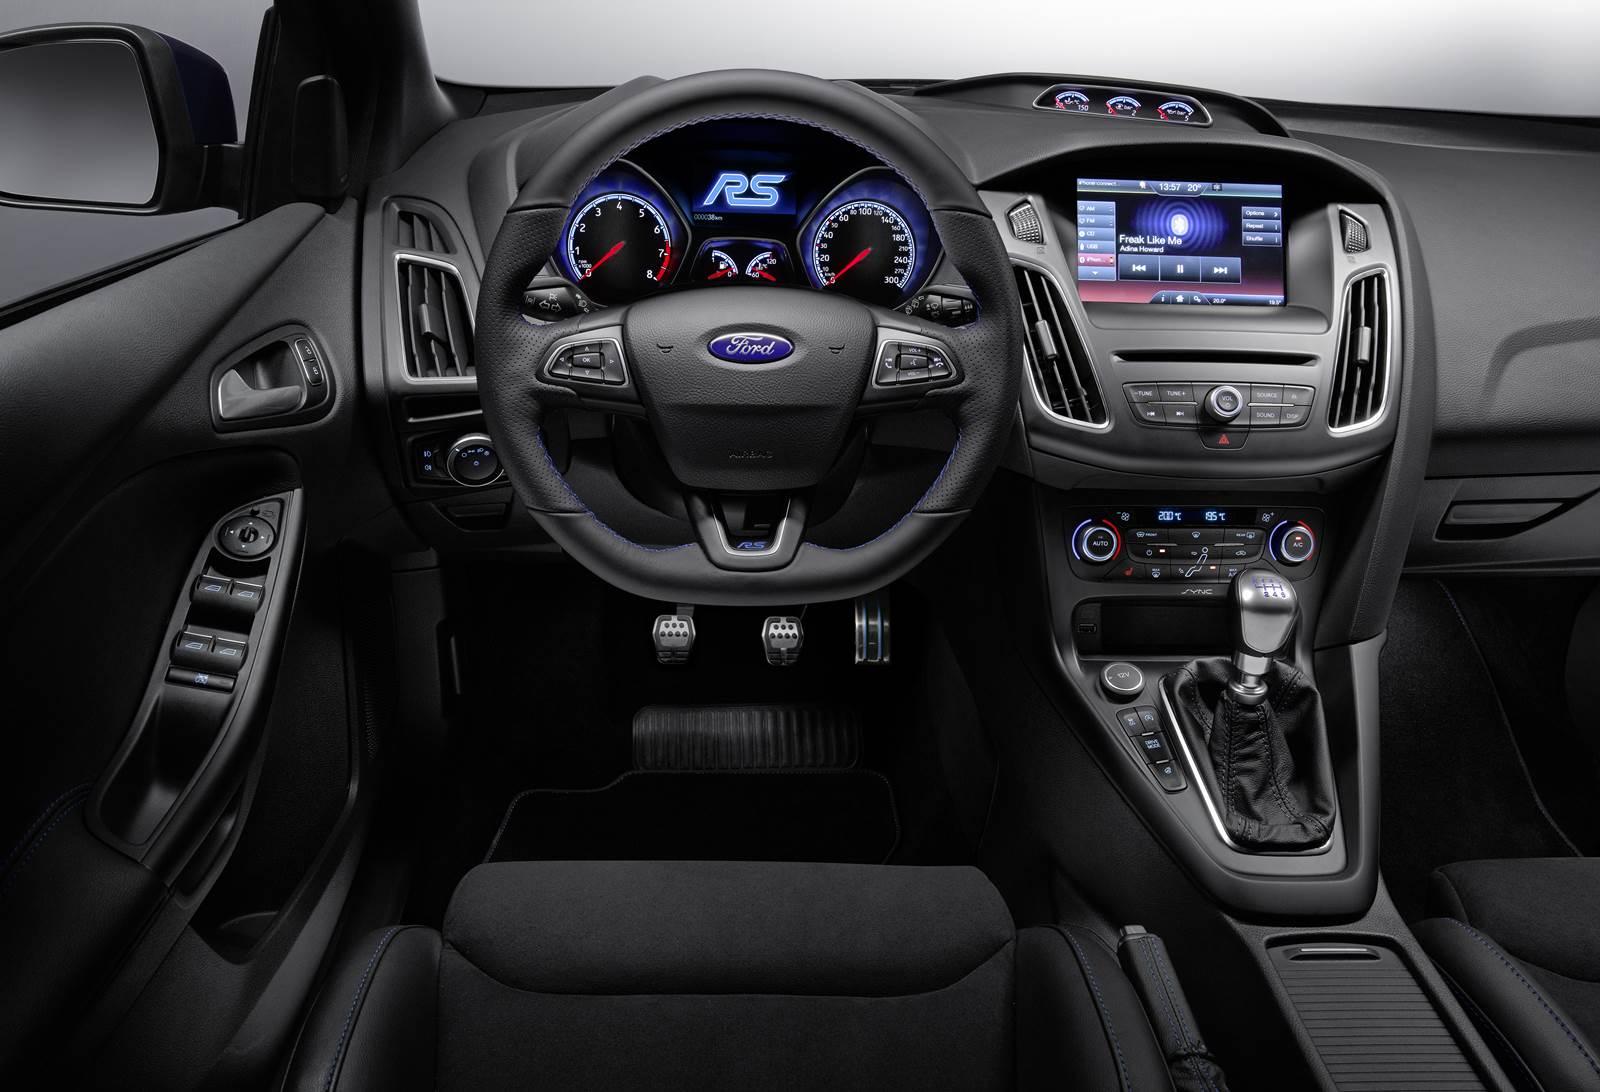 Novo ford focus rs 2016 interior